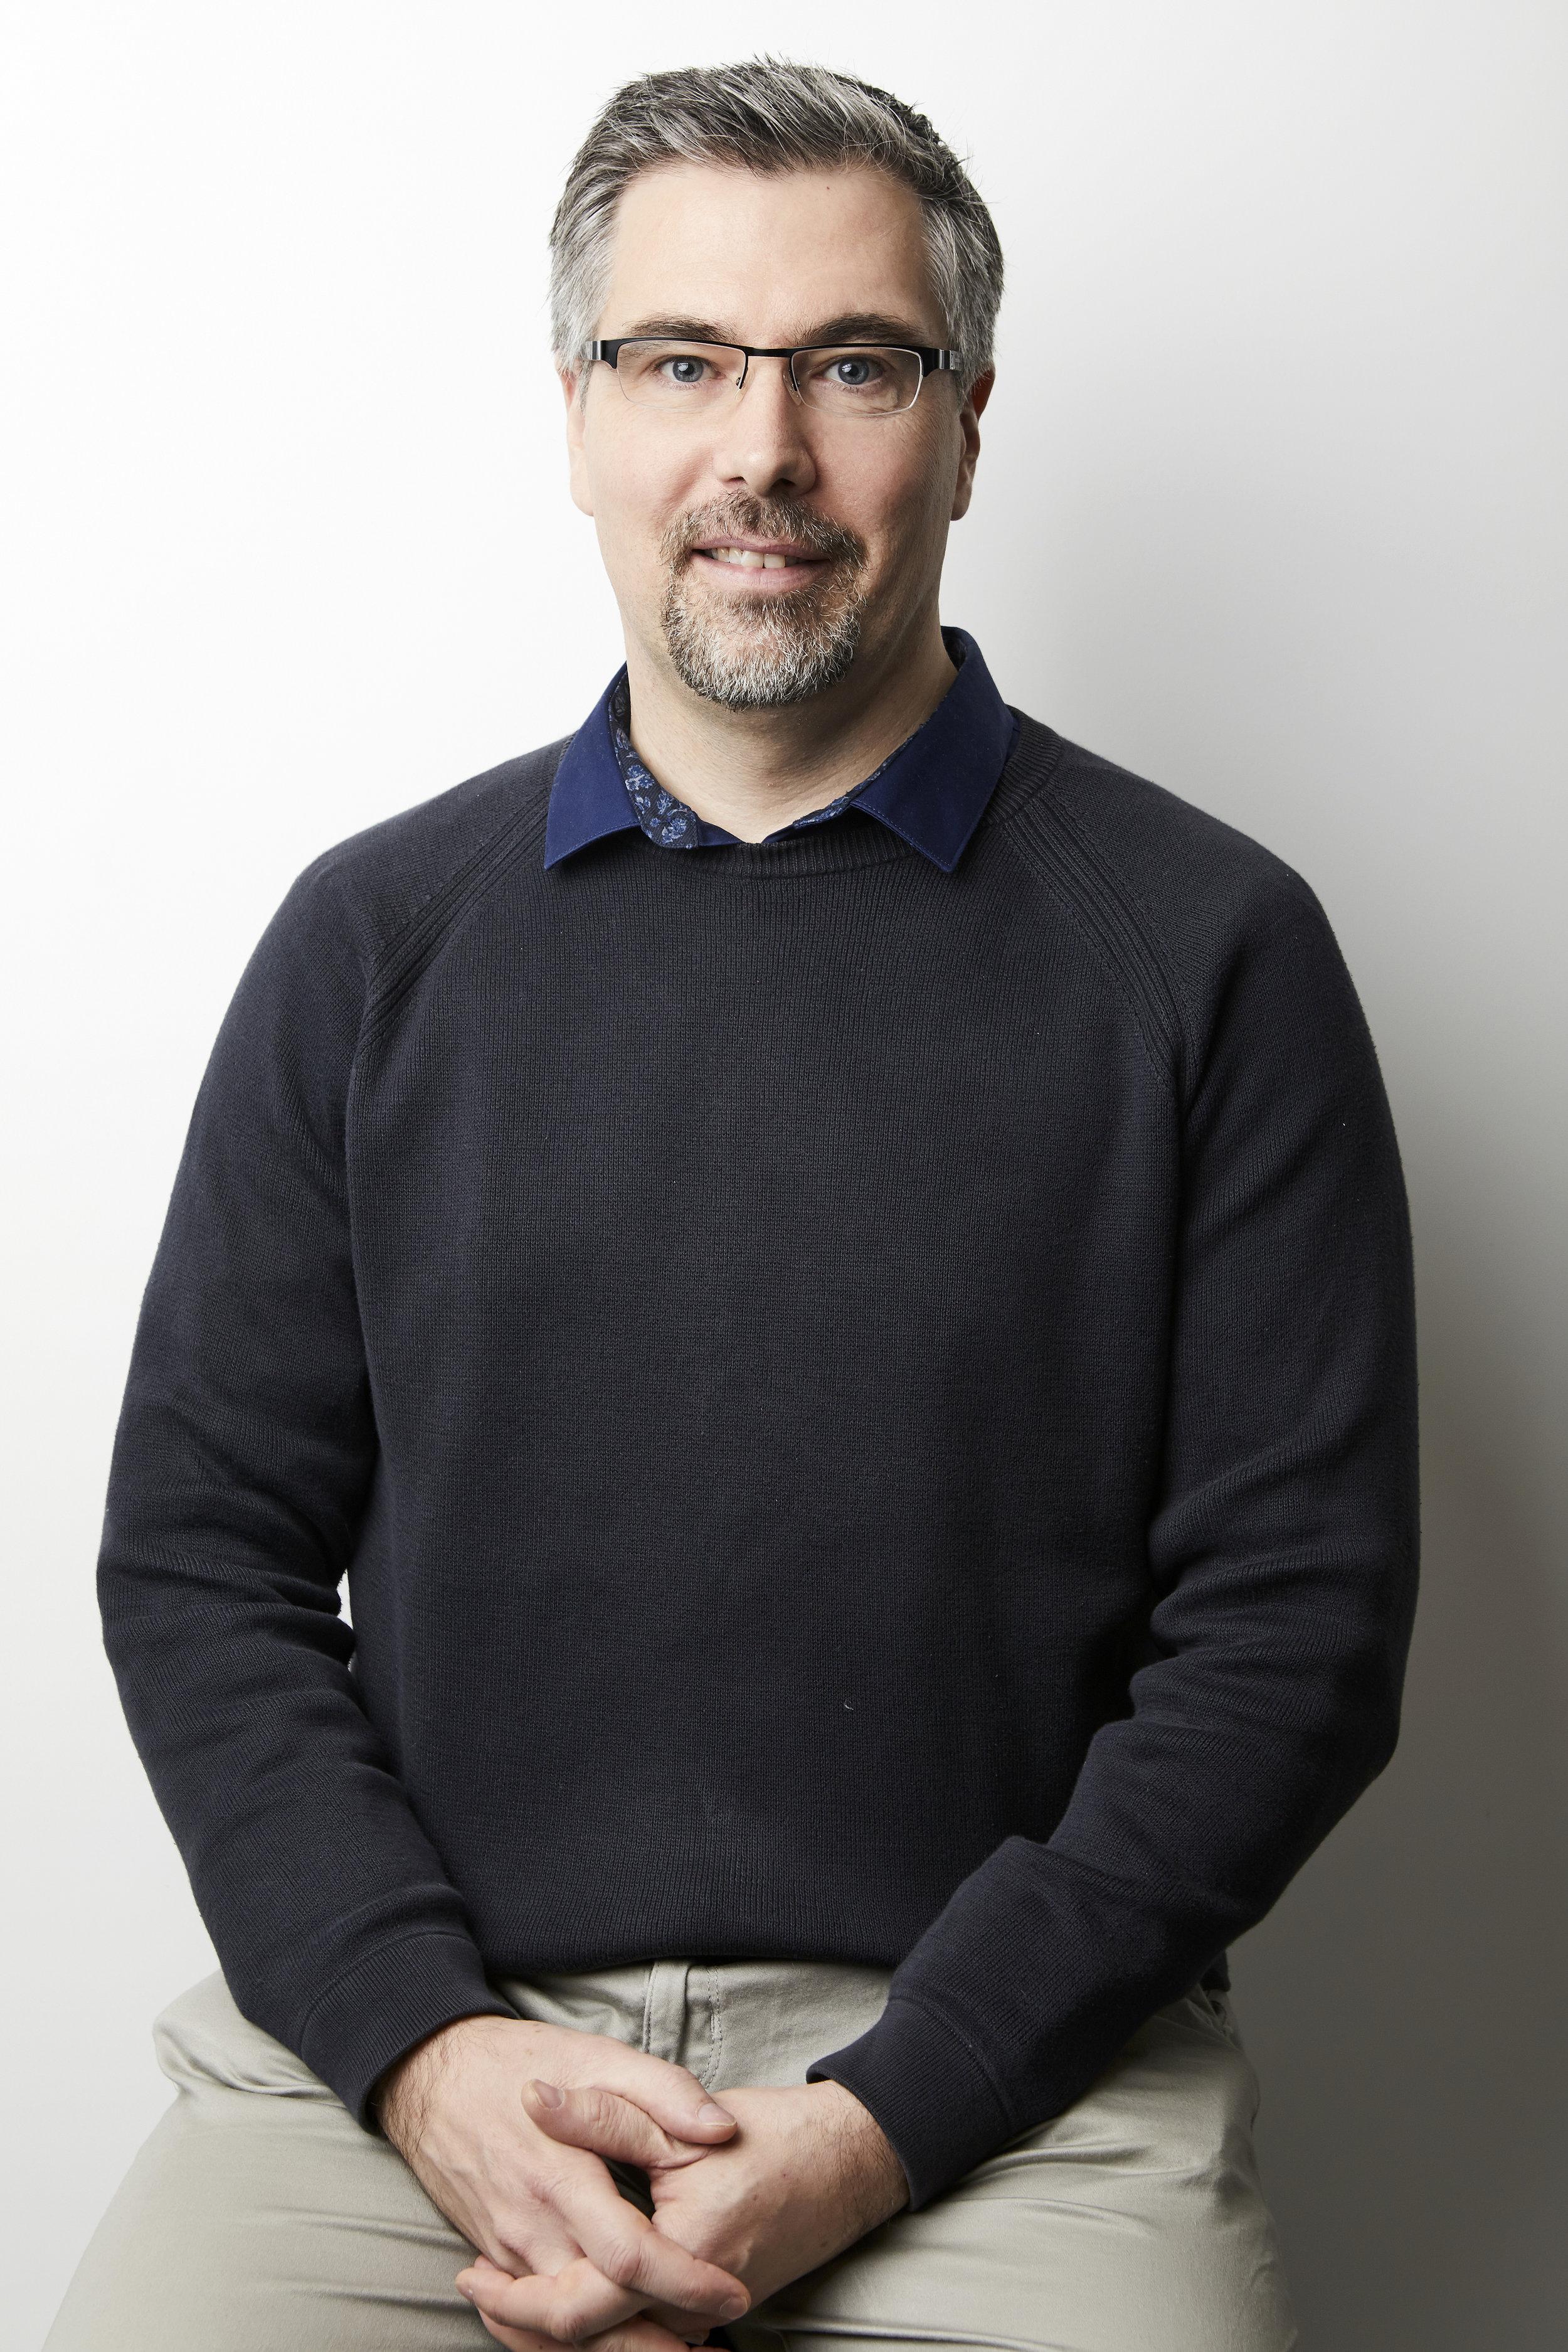 Paul G Welk